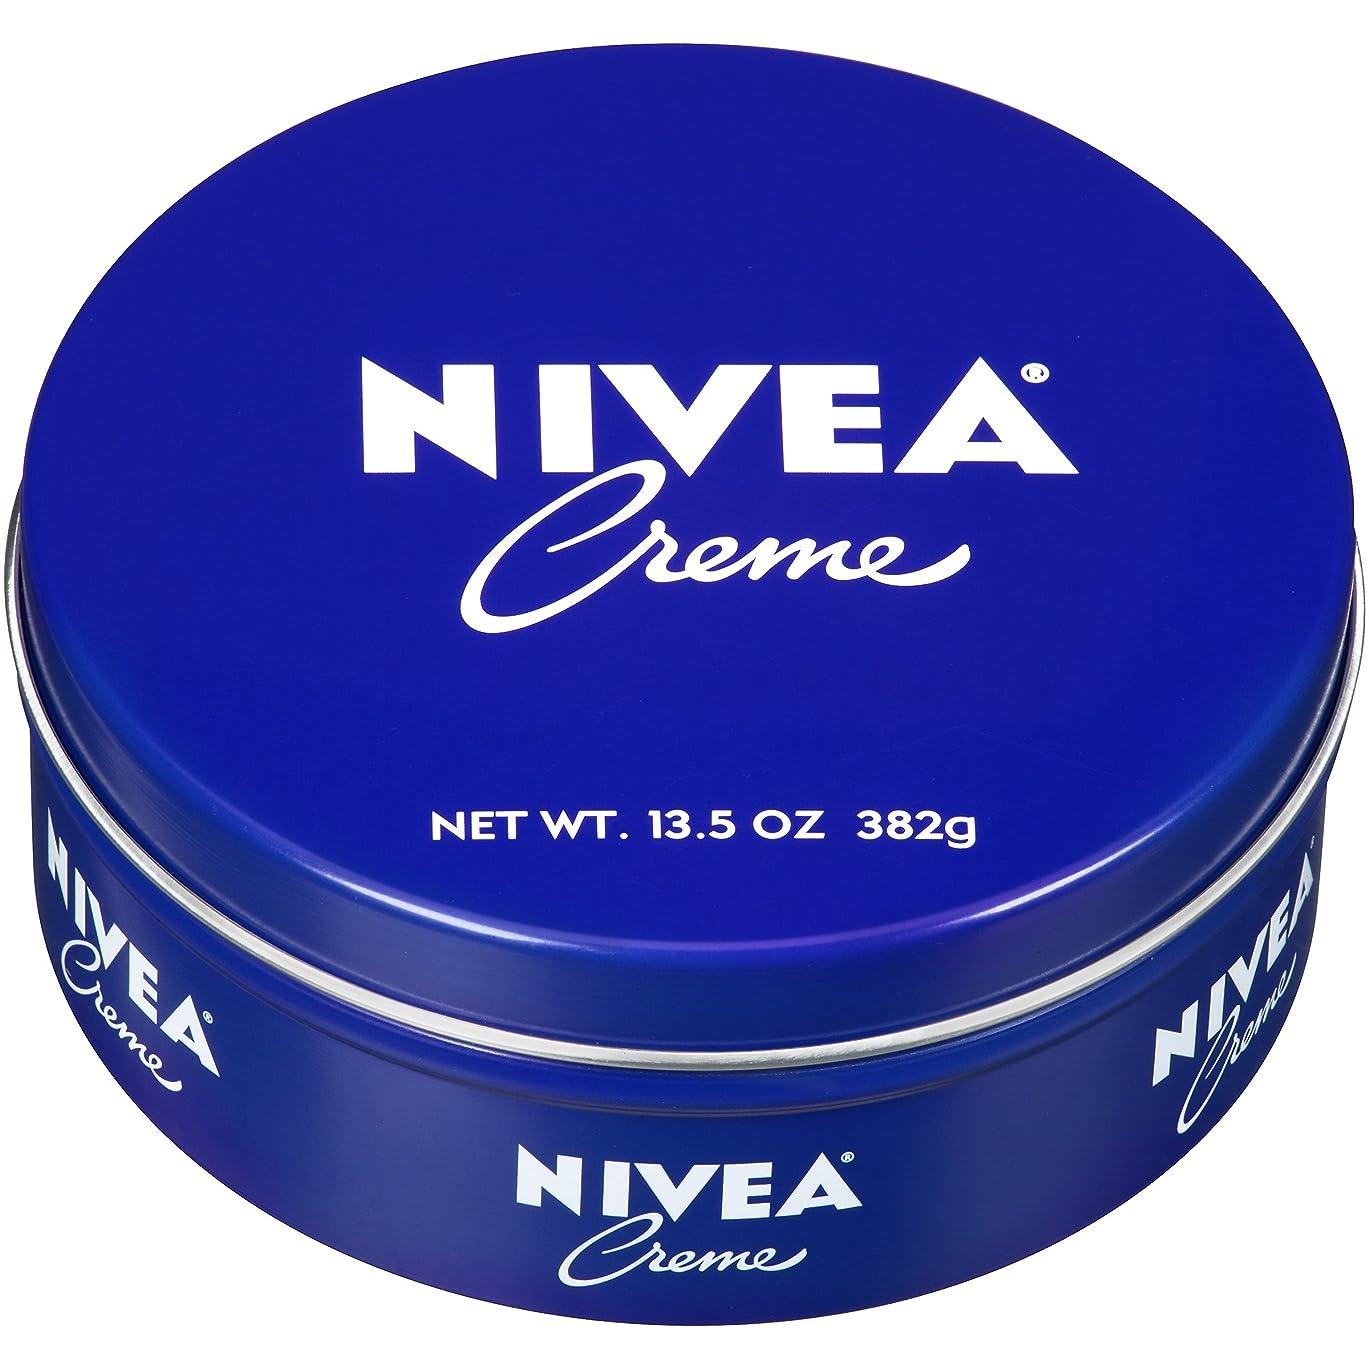 真空消費者港NIVEA ニベア クリーム 特大サイズ 400g アルミ缶